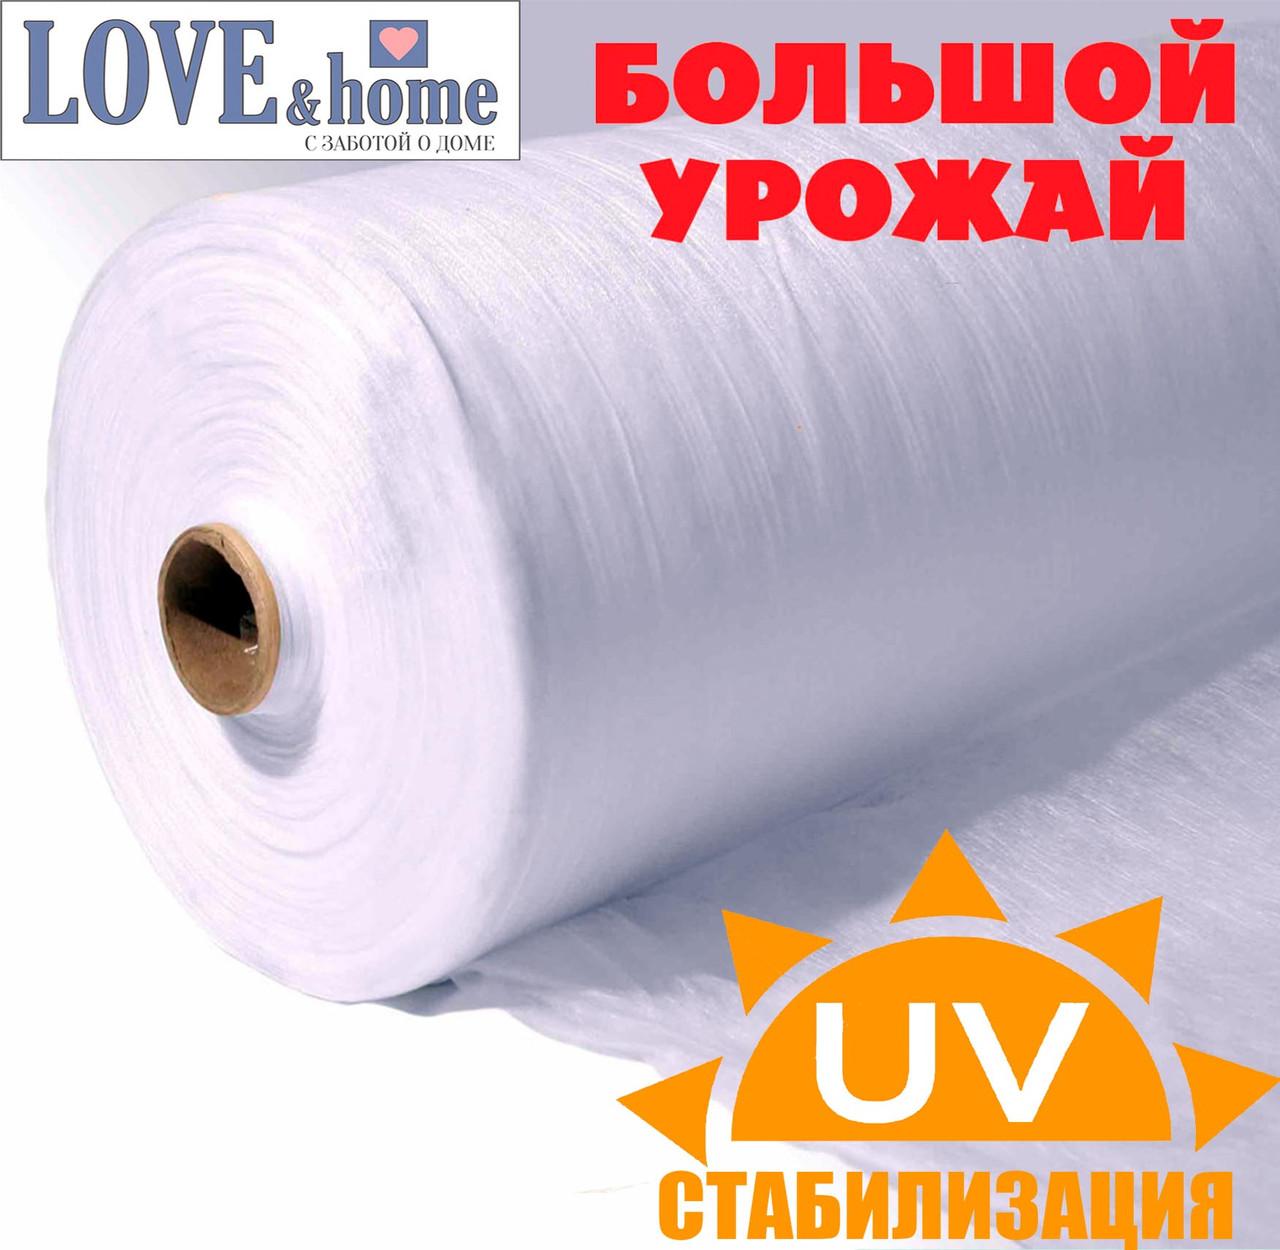 Агроволокно белое, плотность 50г/м². ширина 1.6 м. длинна 100м.